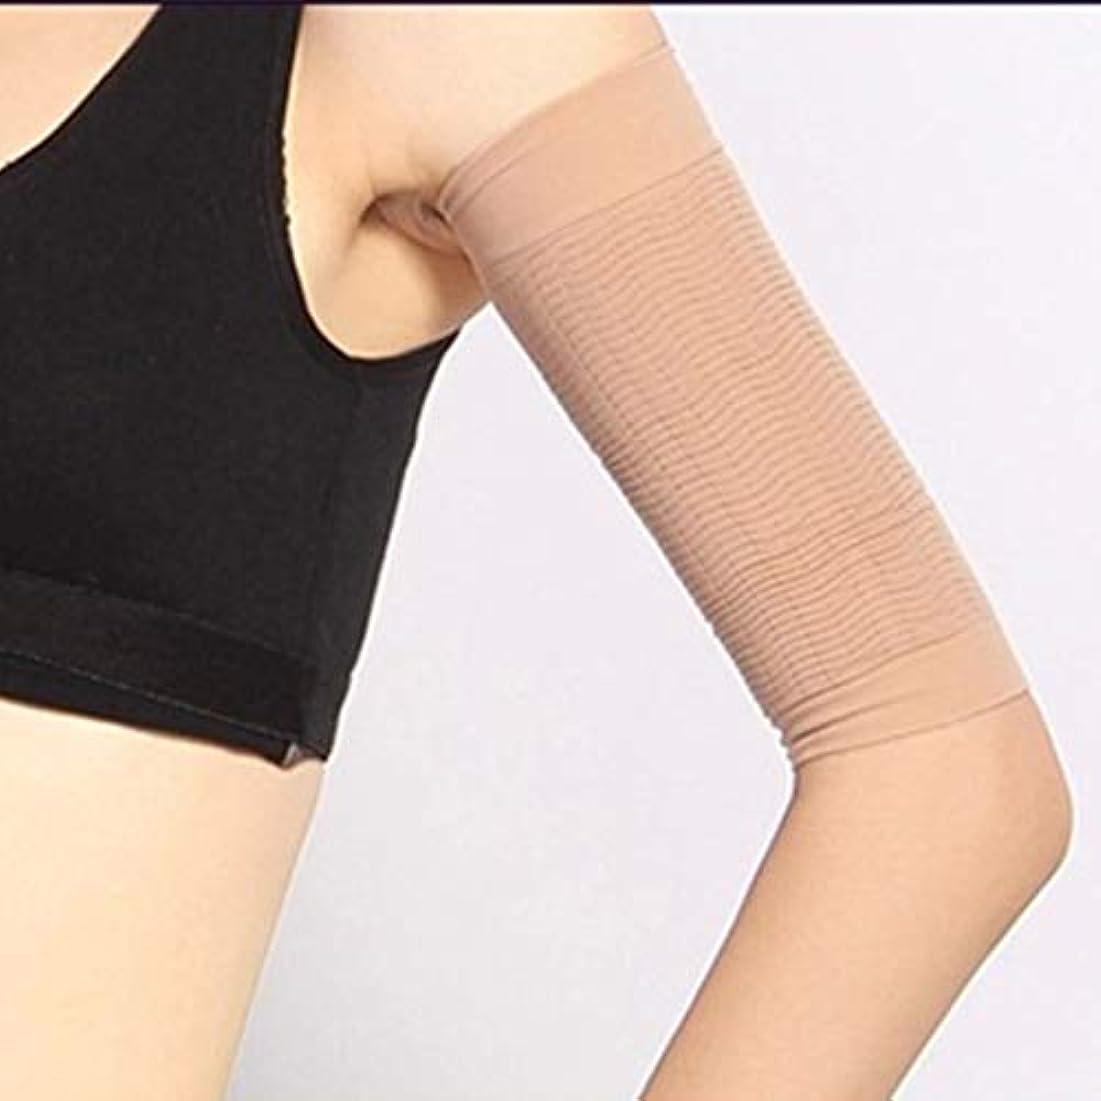 性的特異な世界的にSwiftgood 1ペア420D圧縮スリミングアーム袖ワークアウトトーンティング燃焼セルライトシェイパー脂肪燃焼スリーブ女性用